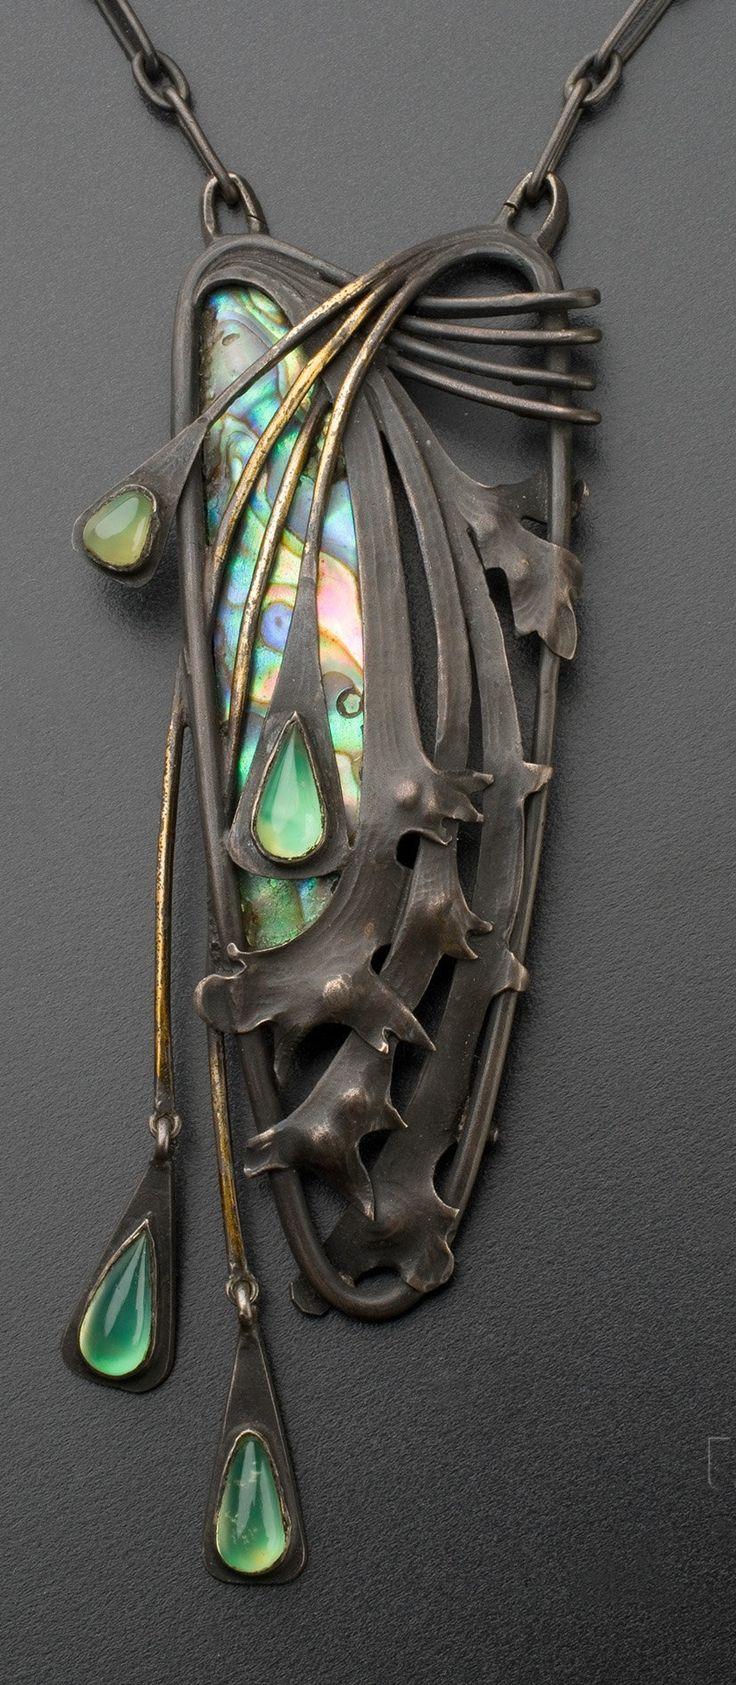 An Art Nouveau silver, mother of pearl & gem-set pendant necklace, by Němec